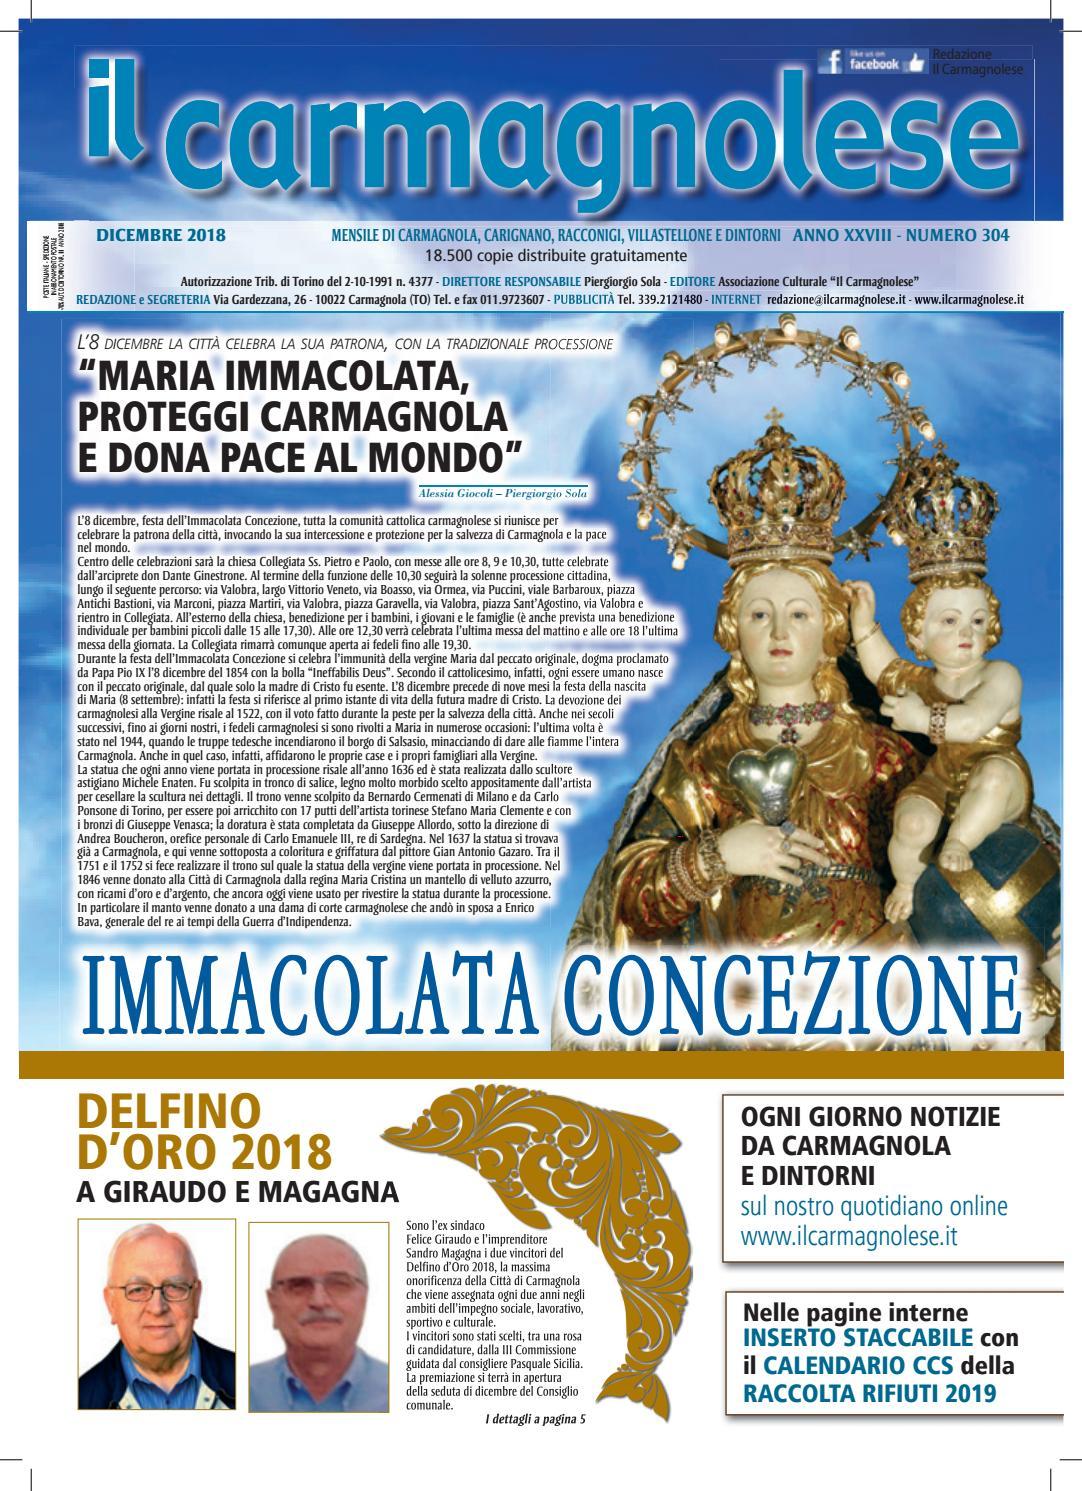 Il Carmagnolese Dicembre 2018 by Redazione Il Carmagnolese - issuu 321b6150788